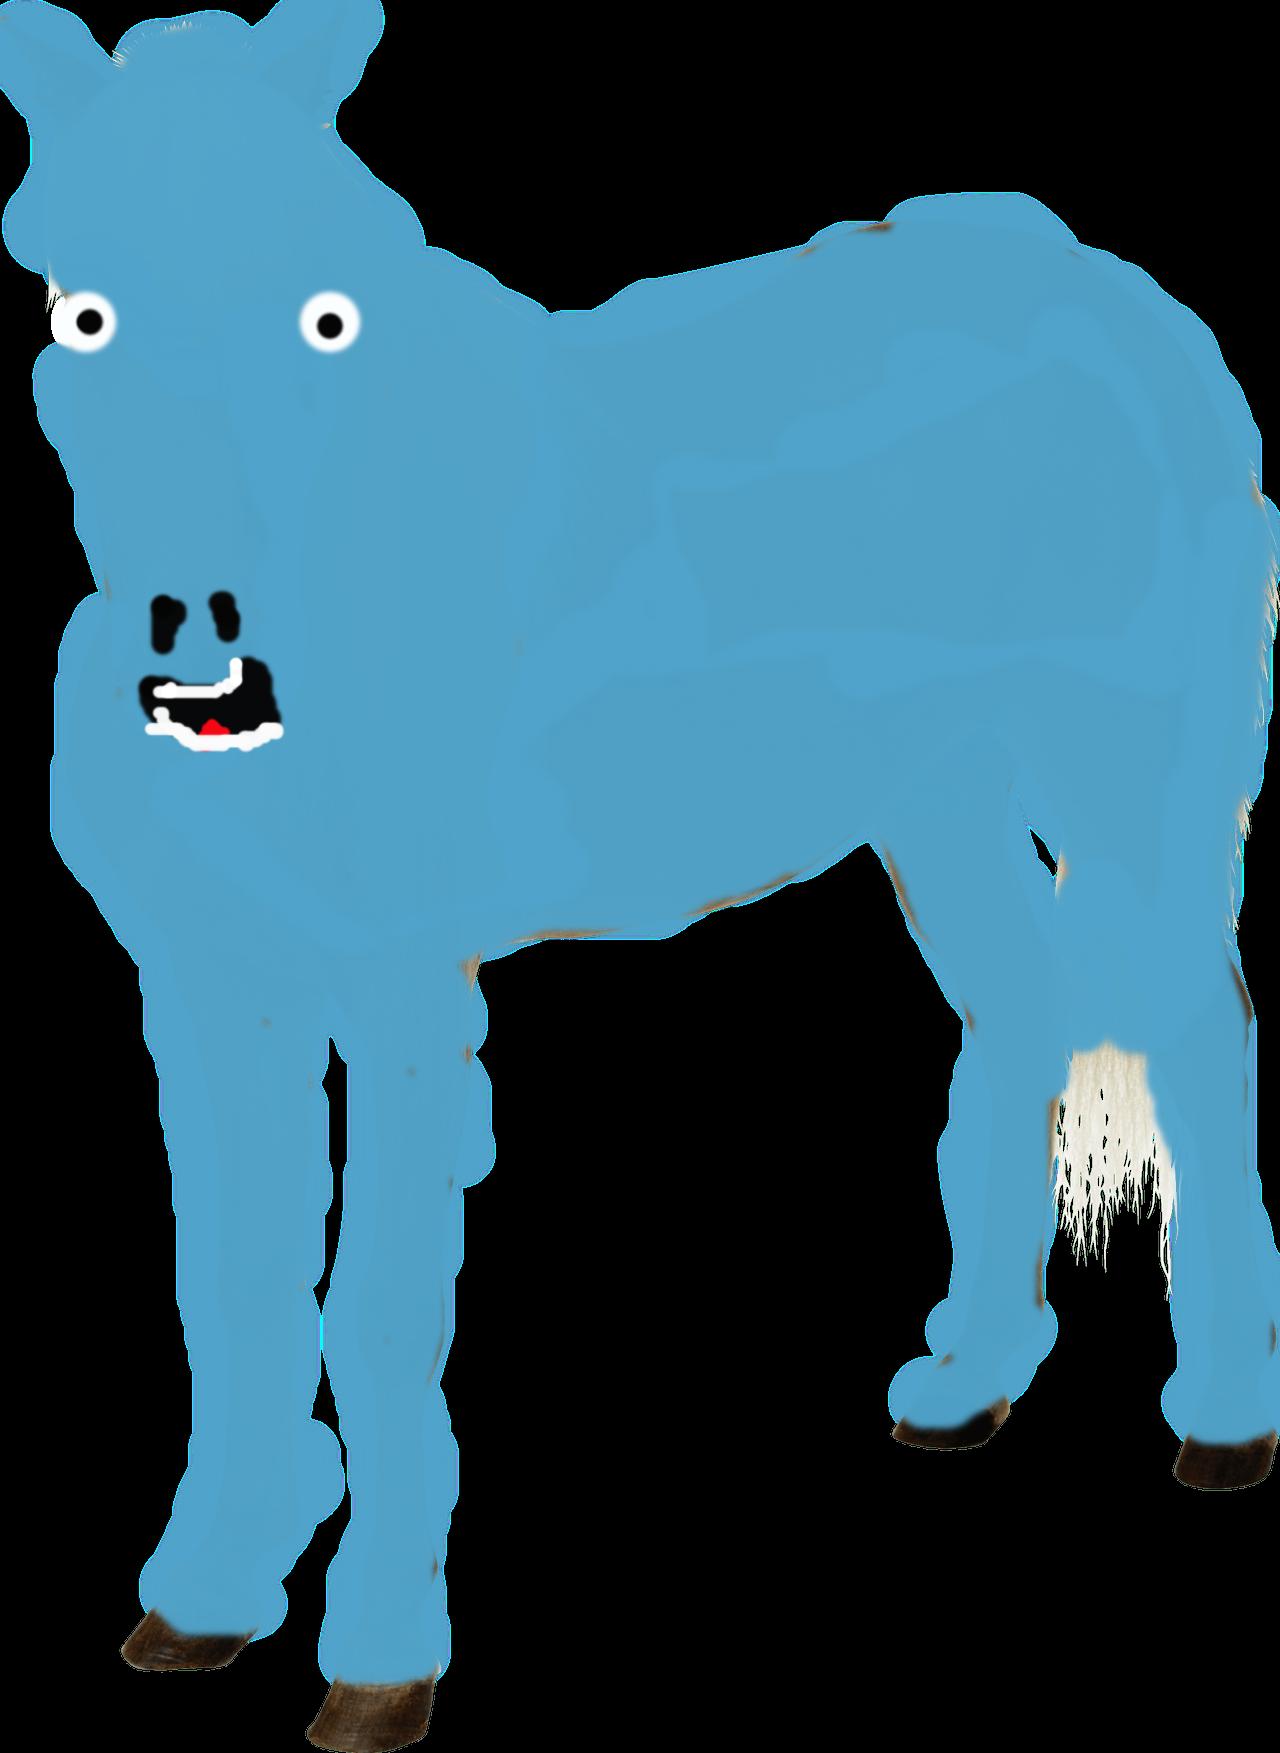 Fuzz the Pony